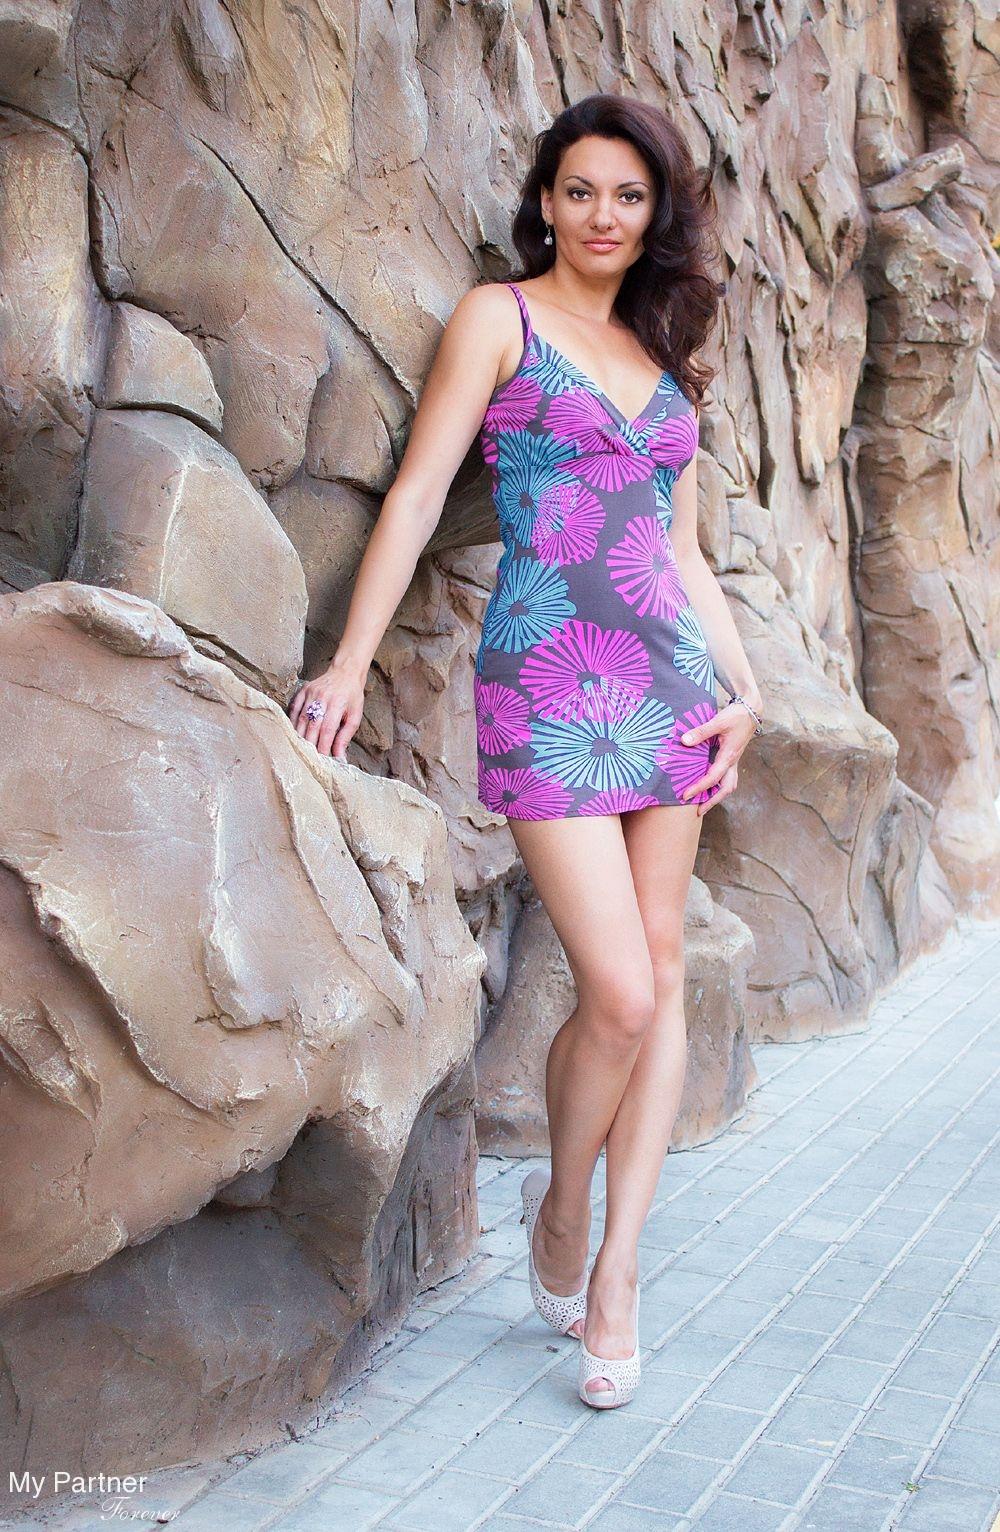 Meet Single Russian Woman Svetlana from Chisinau,